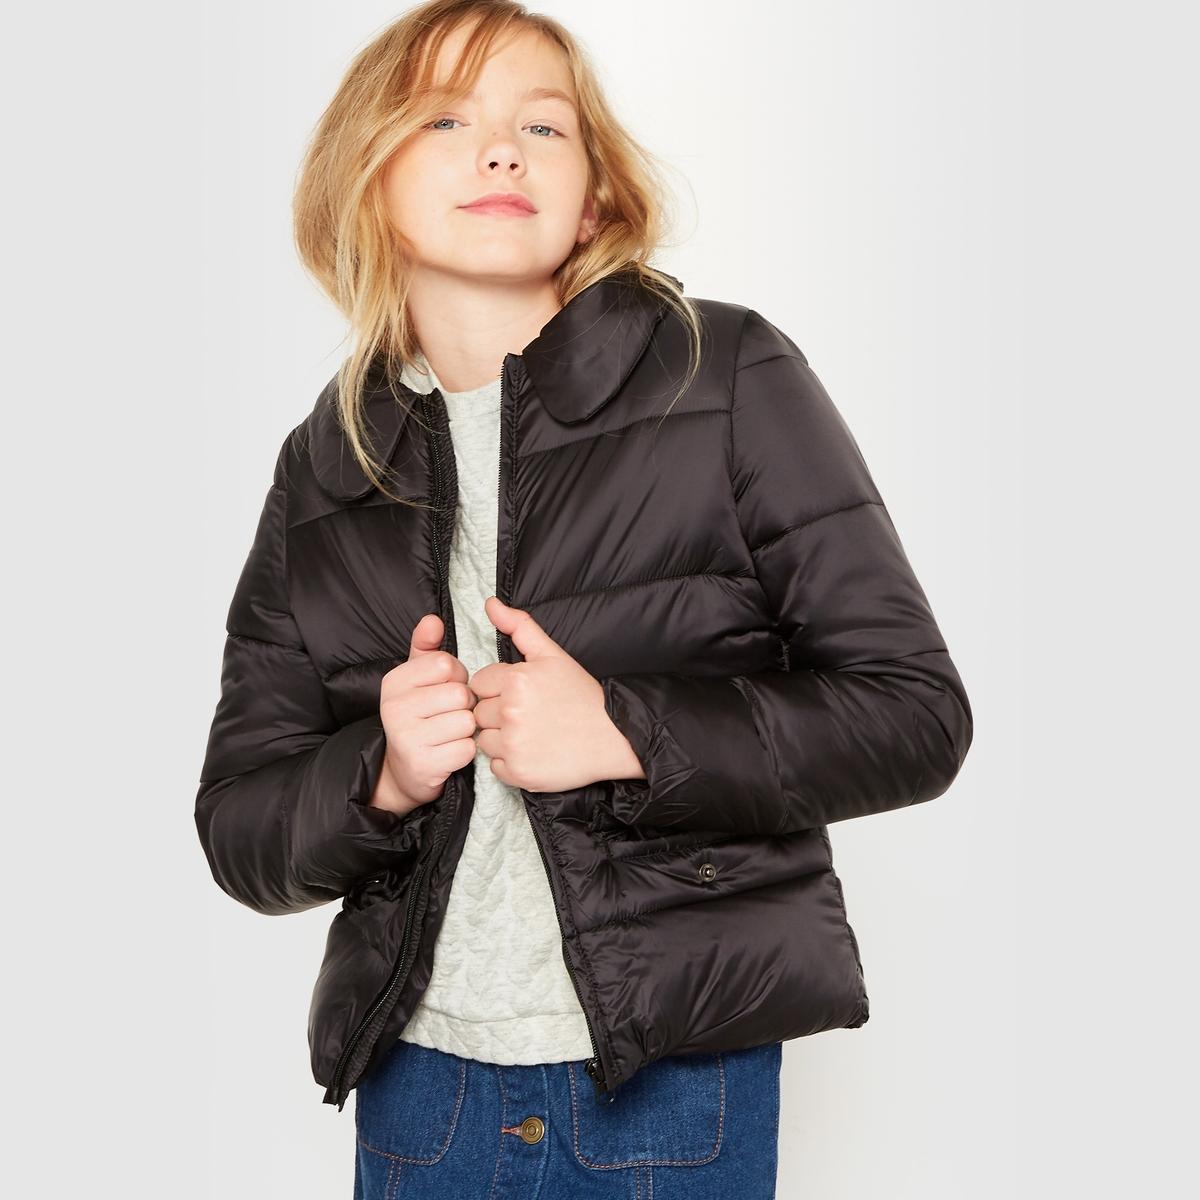 Куртка стёганая, лёгкая, с отложным воротником,  10-16 летЛегкая стеганая куртка на тонком ватине и с водоотталкивающей пропиткой.  Прямой покрой. Закругленный отложной воротник. Застежка на молнию. 2 передних кармана с клапаном на кнопках .                               Состав и описание :                       Материал:         100% полиамид.                      Подкладка     100% полиэстер                      Наполнитель: 100% полиэстер                     Марка         R essentiel                                             Уход :                      Машинная стирка при 30 °C с вещами схожих цветов.                      Стирать и сушить с изнанки.                      Машинная сушка на умеренном режиме.                      Не гладить.<br><br>Цвет: розовый,черный<br>Размер: 14 лет.14 лет